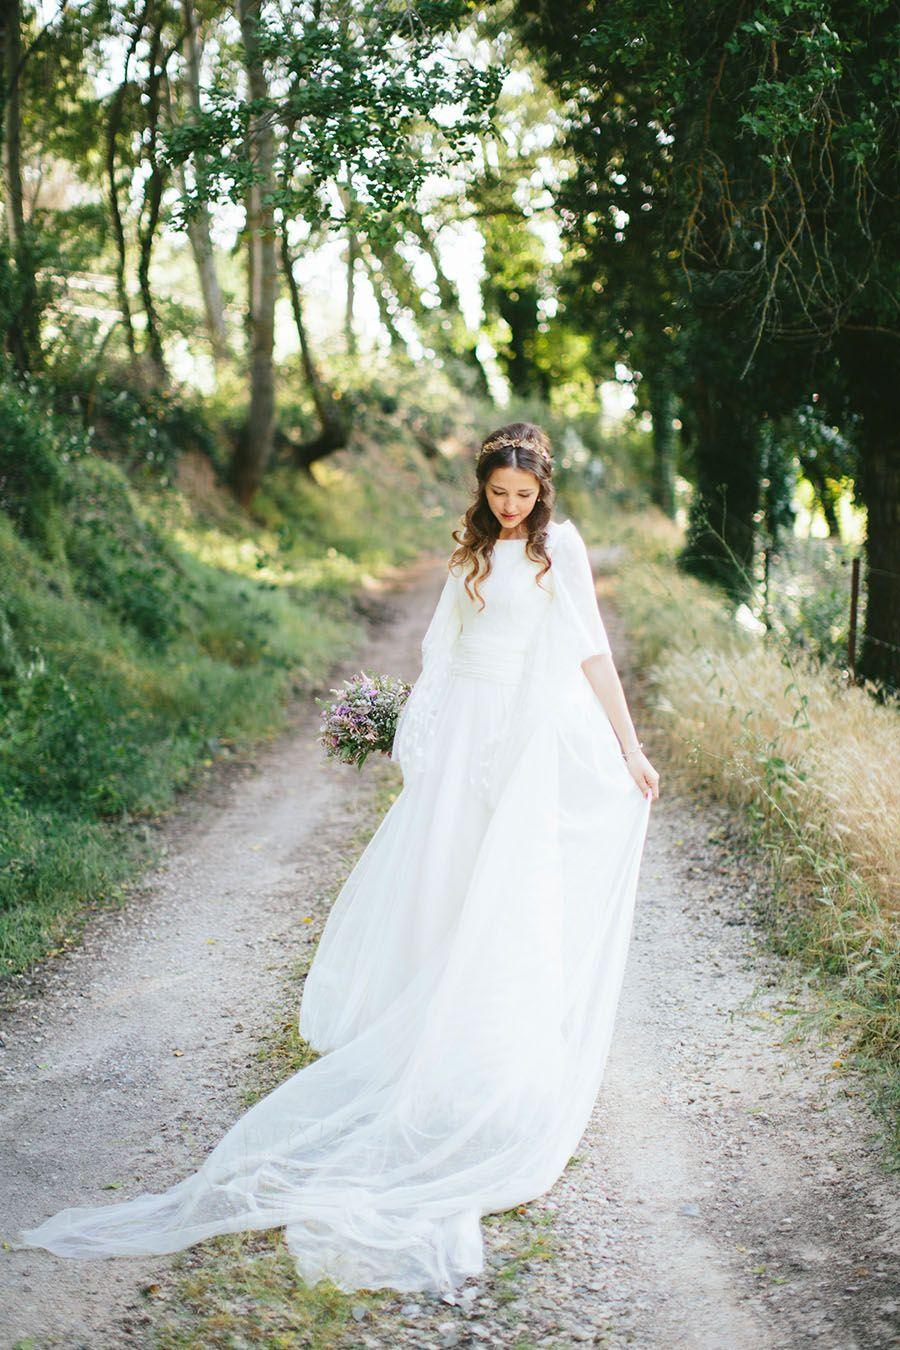 calista-one-lista-de-bodas-online-blog-de-bodas-inspiracion-bodas-m-4